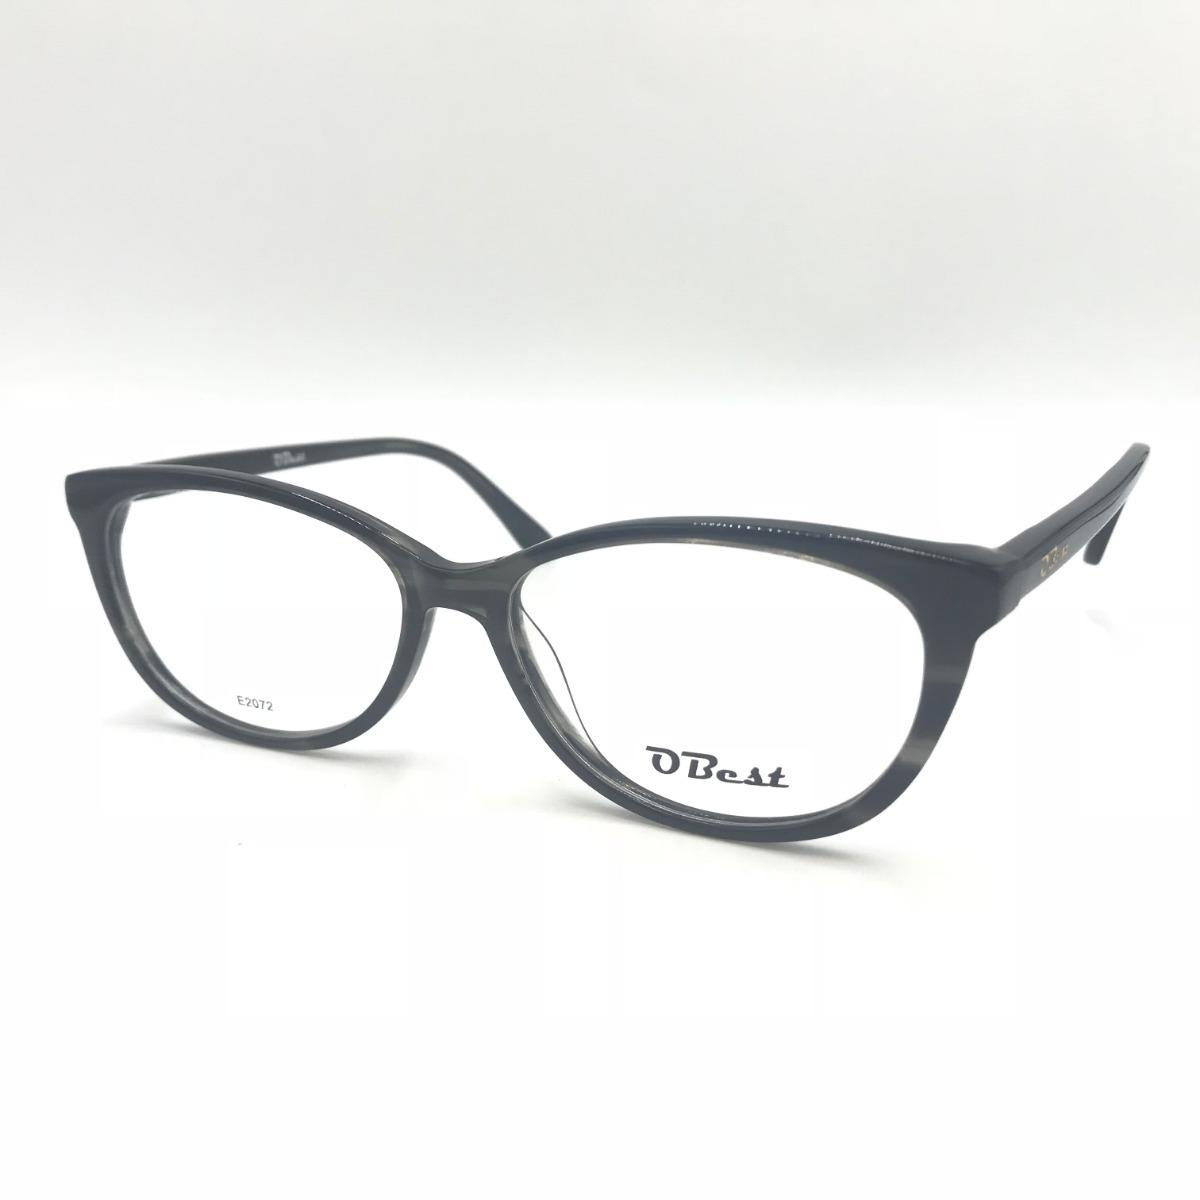 armação óculos obest 2072 feminino gatinho acetato original. Carregando  zoom. 4f8a489420